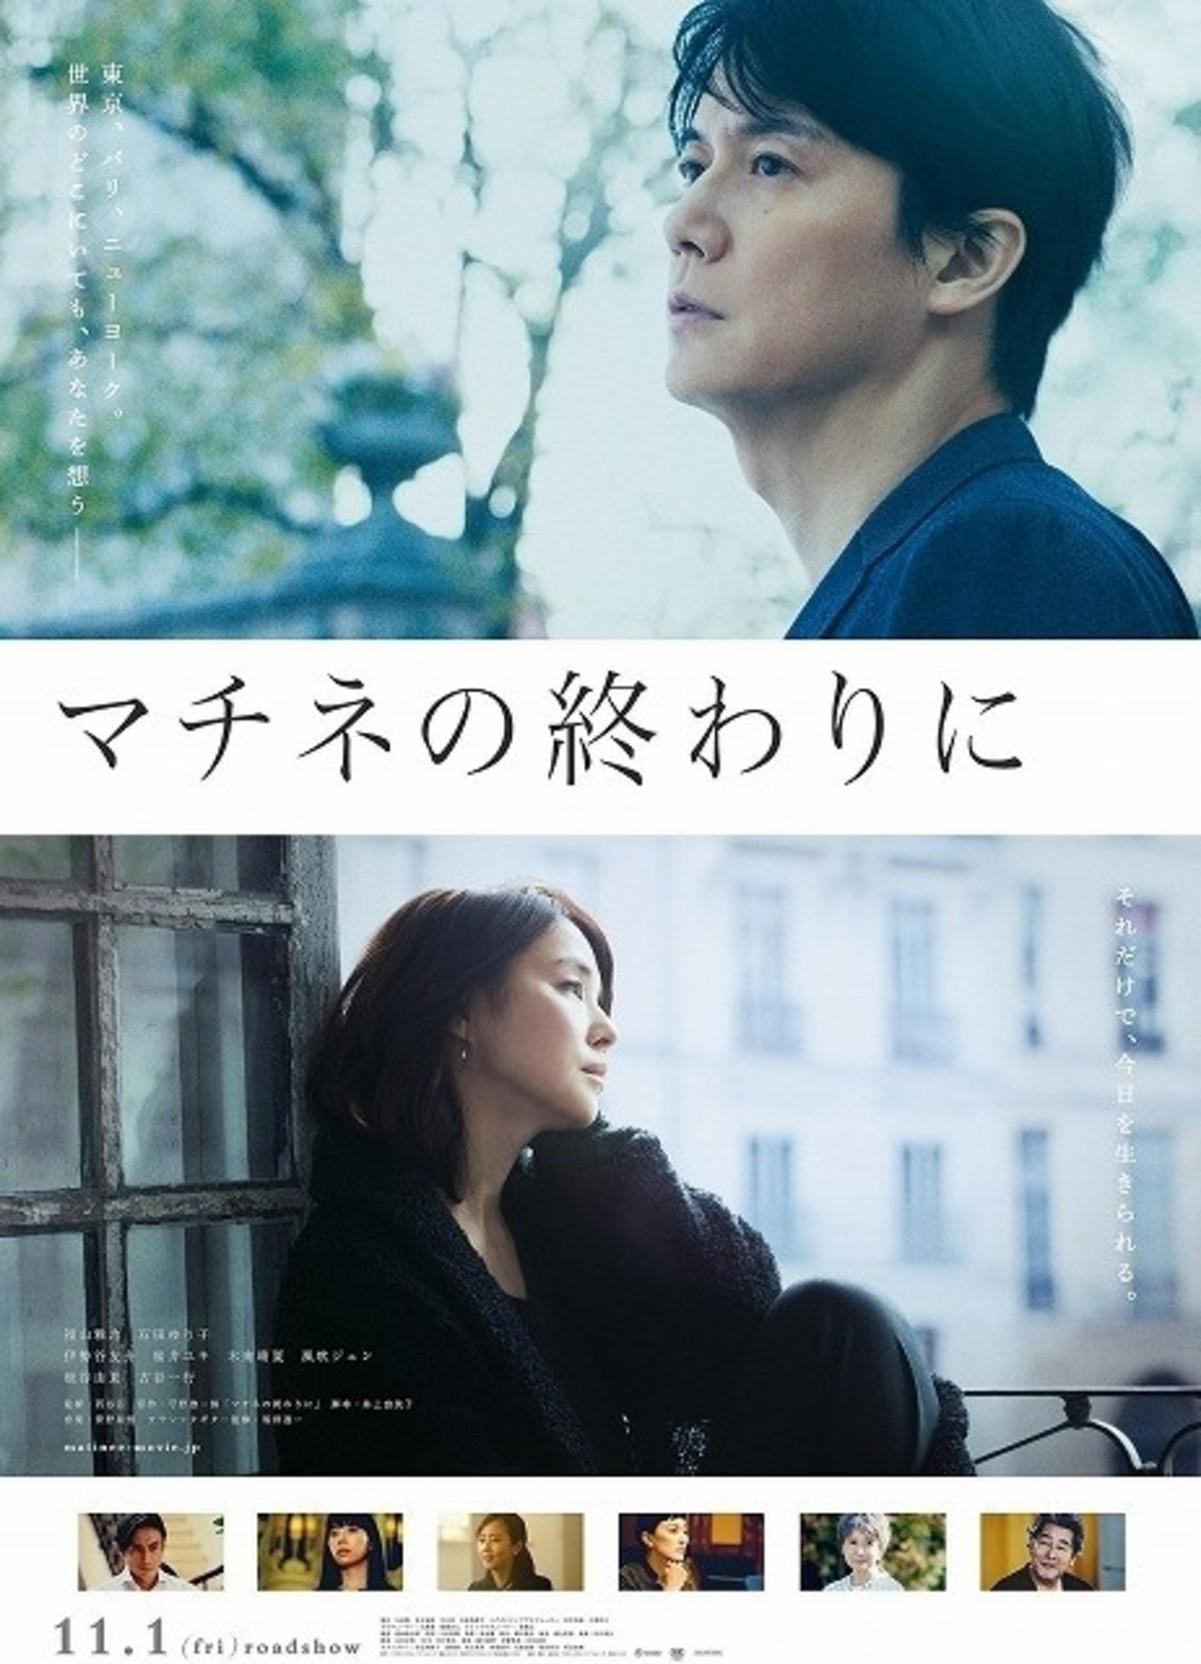 福山 石田 ゆり子 映画